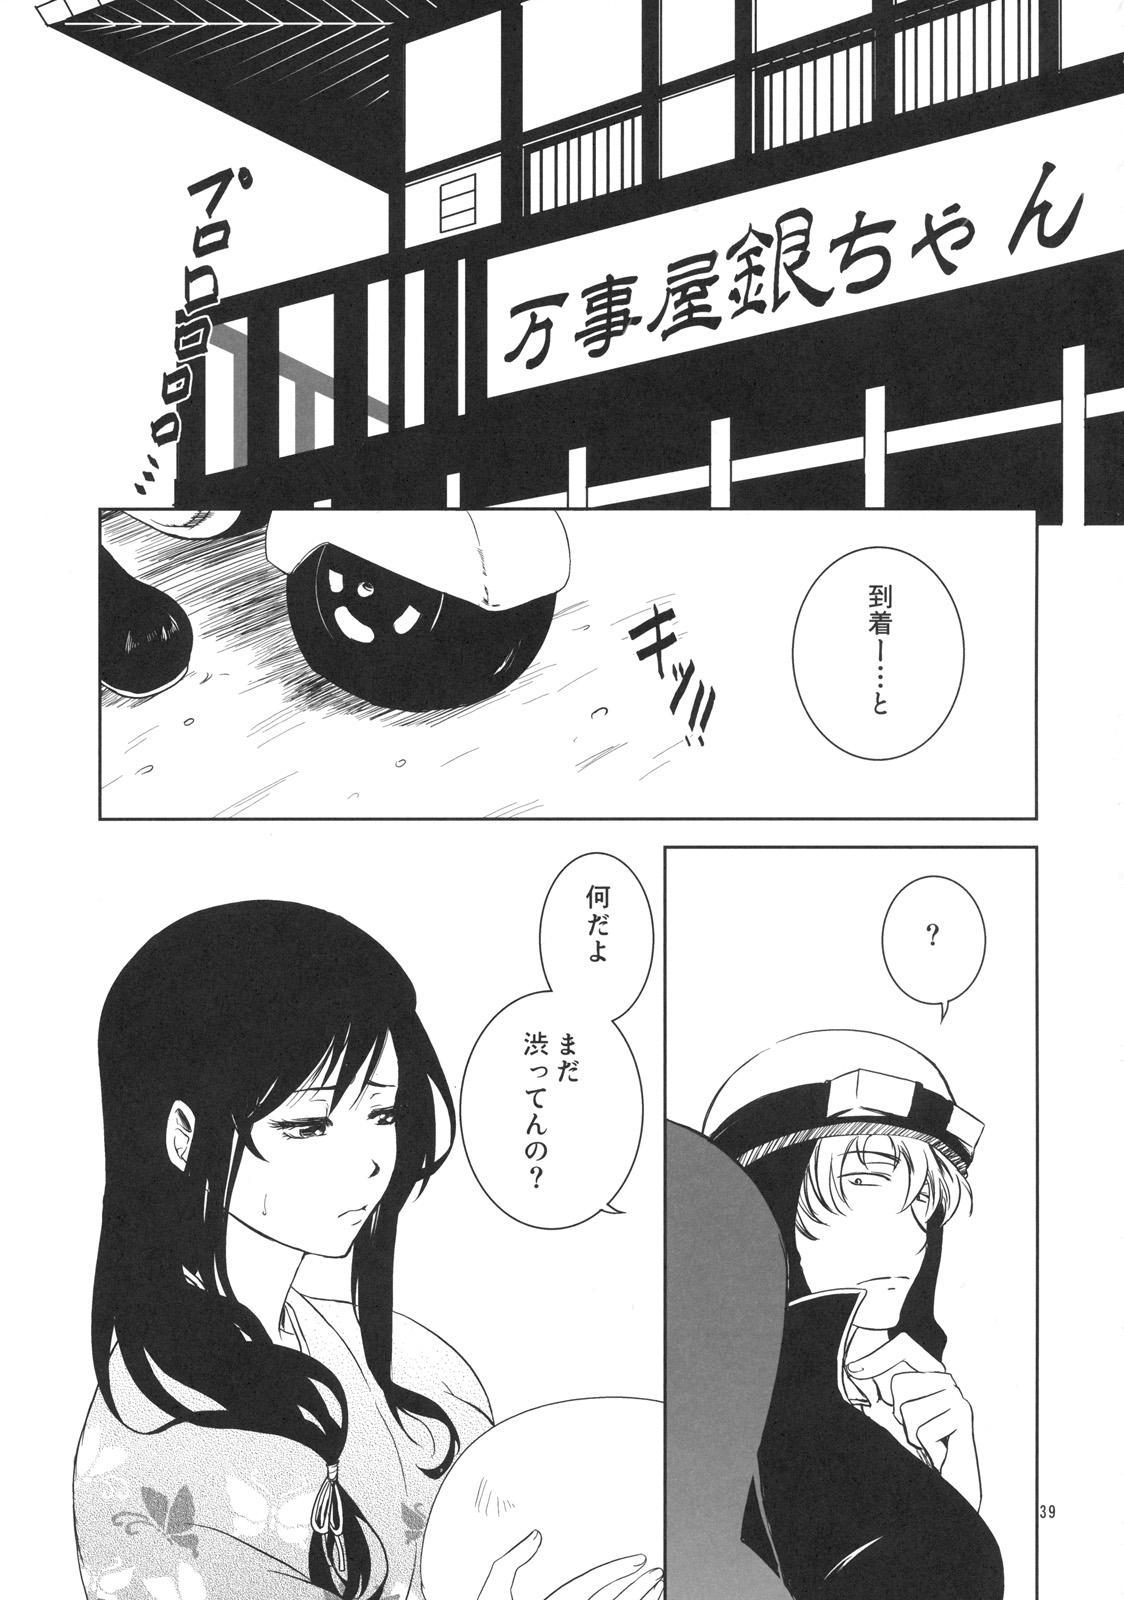 Osananajimi wo Harama Serutatta Hitotsu 37